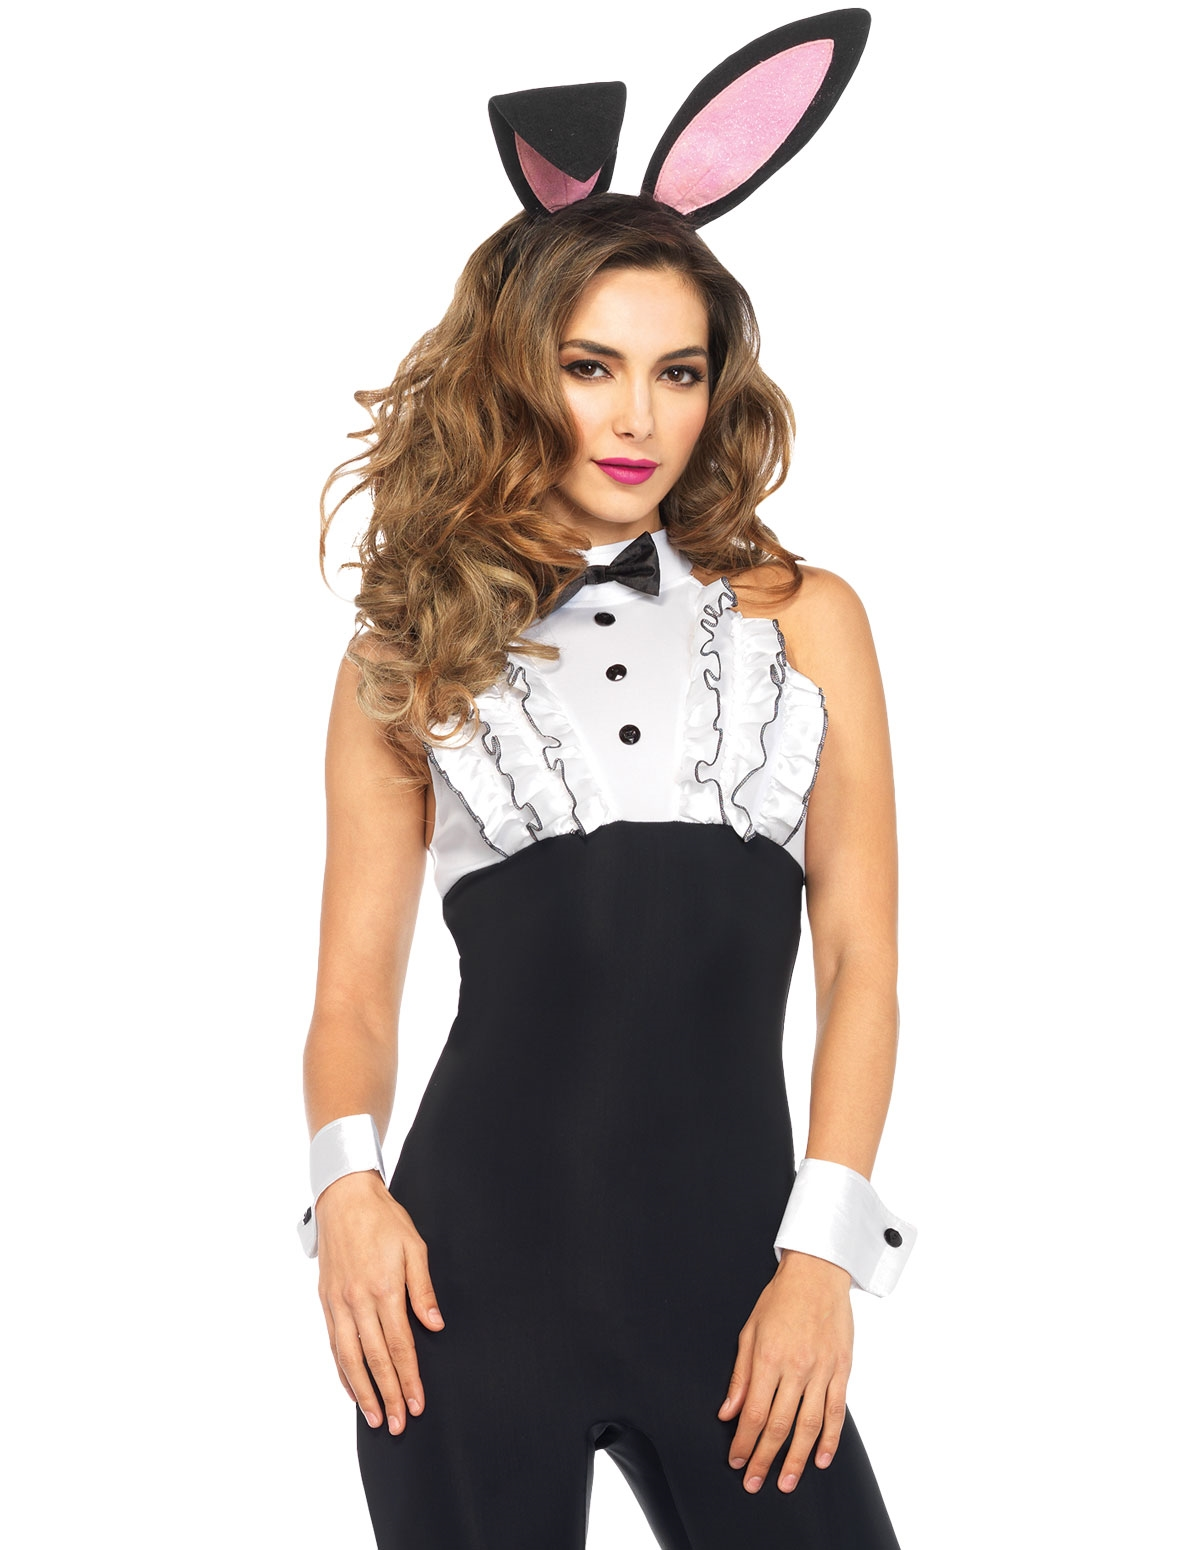 Tuxedo Bunny Costume